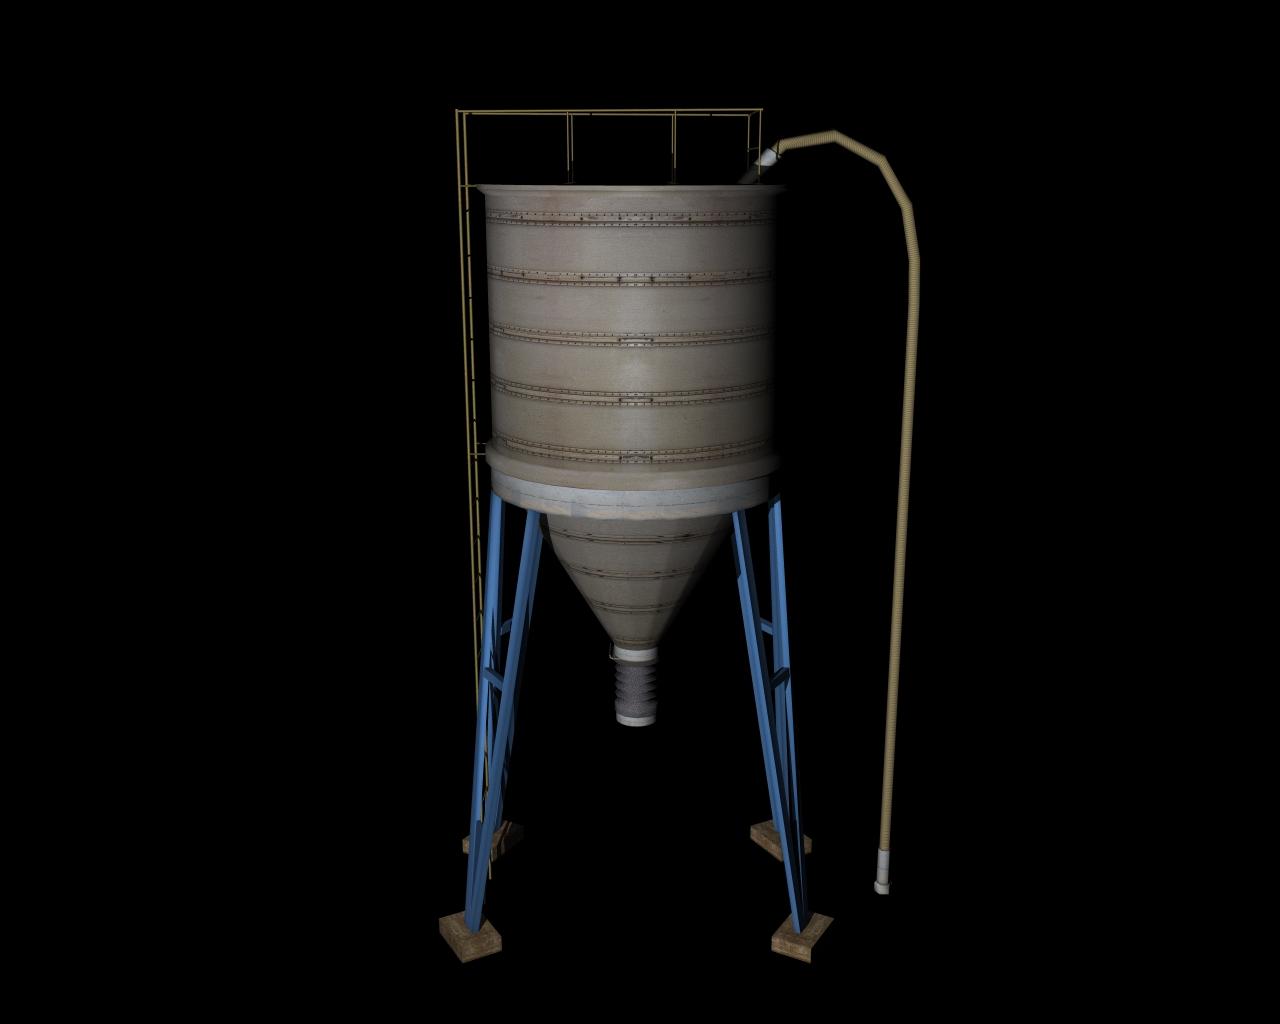 silo 3d model 3ds 164143